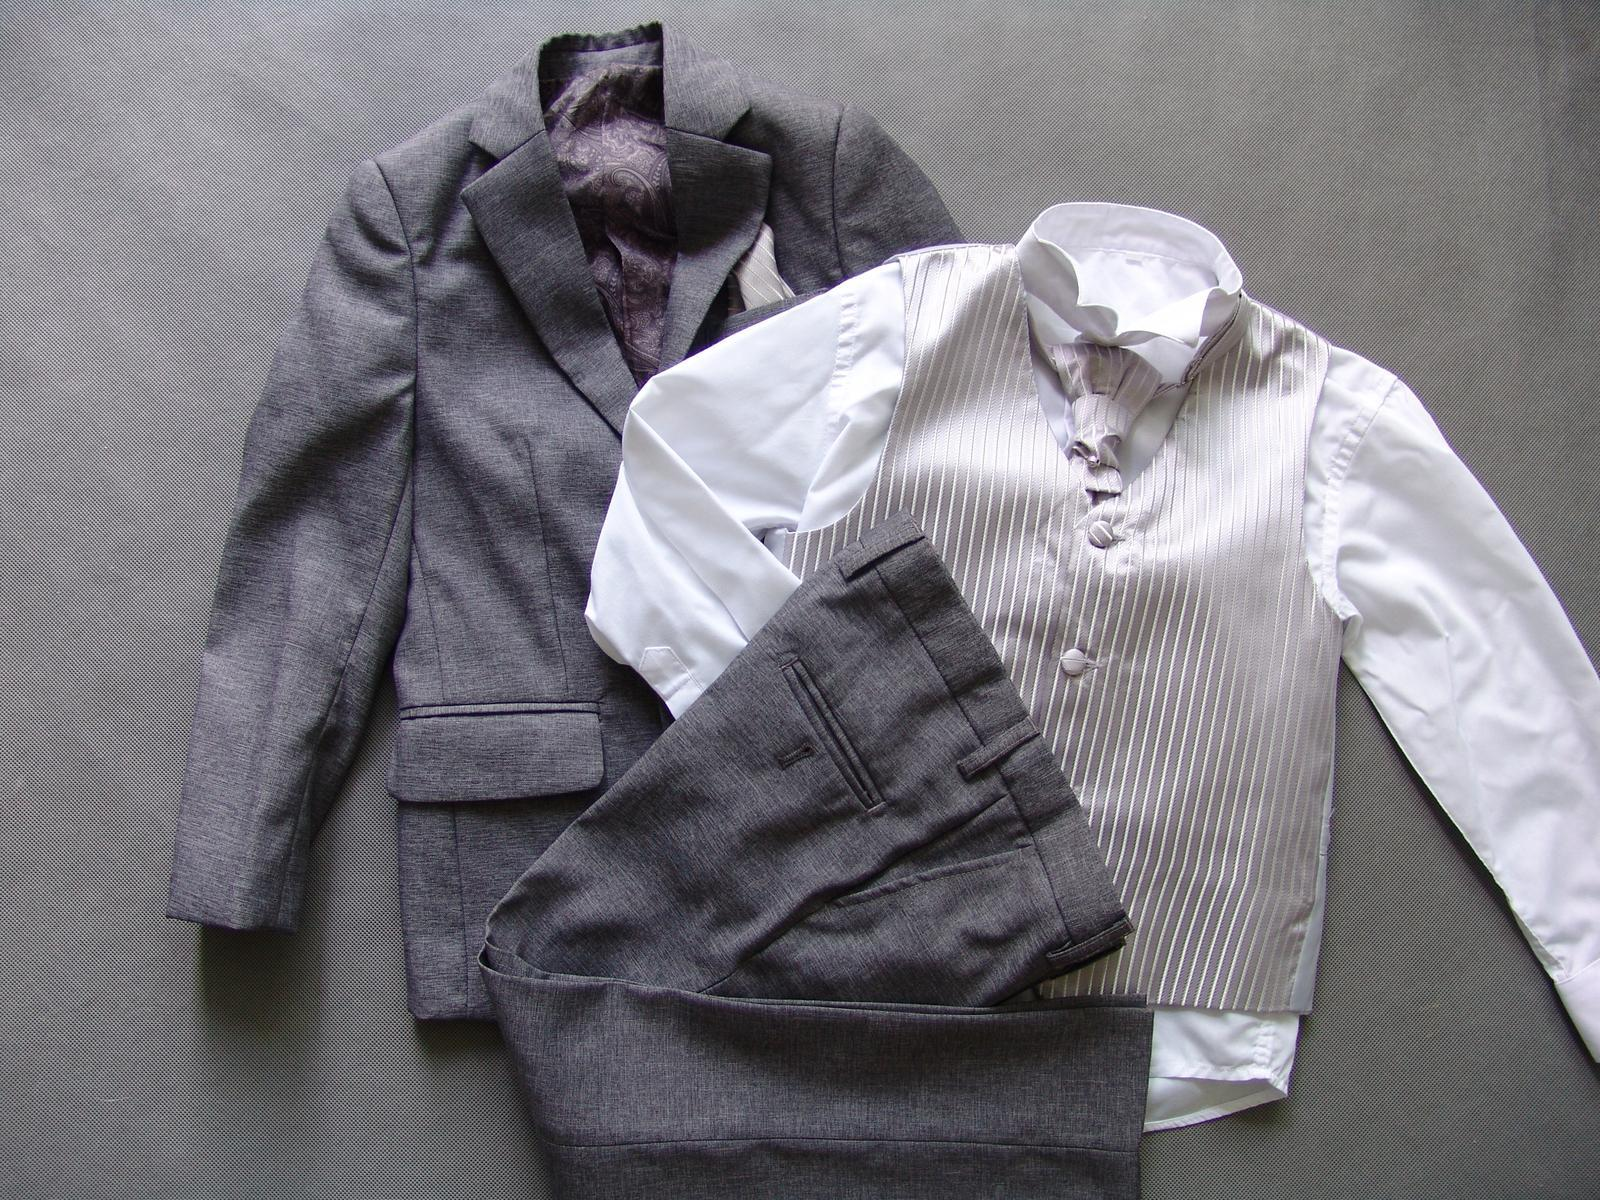 SKLADEM - šedý oblek k zapůjčení 7 a 11 let - Obrázek č. 4